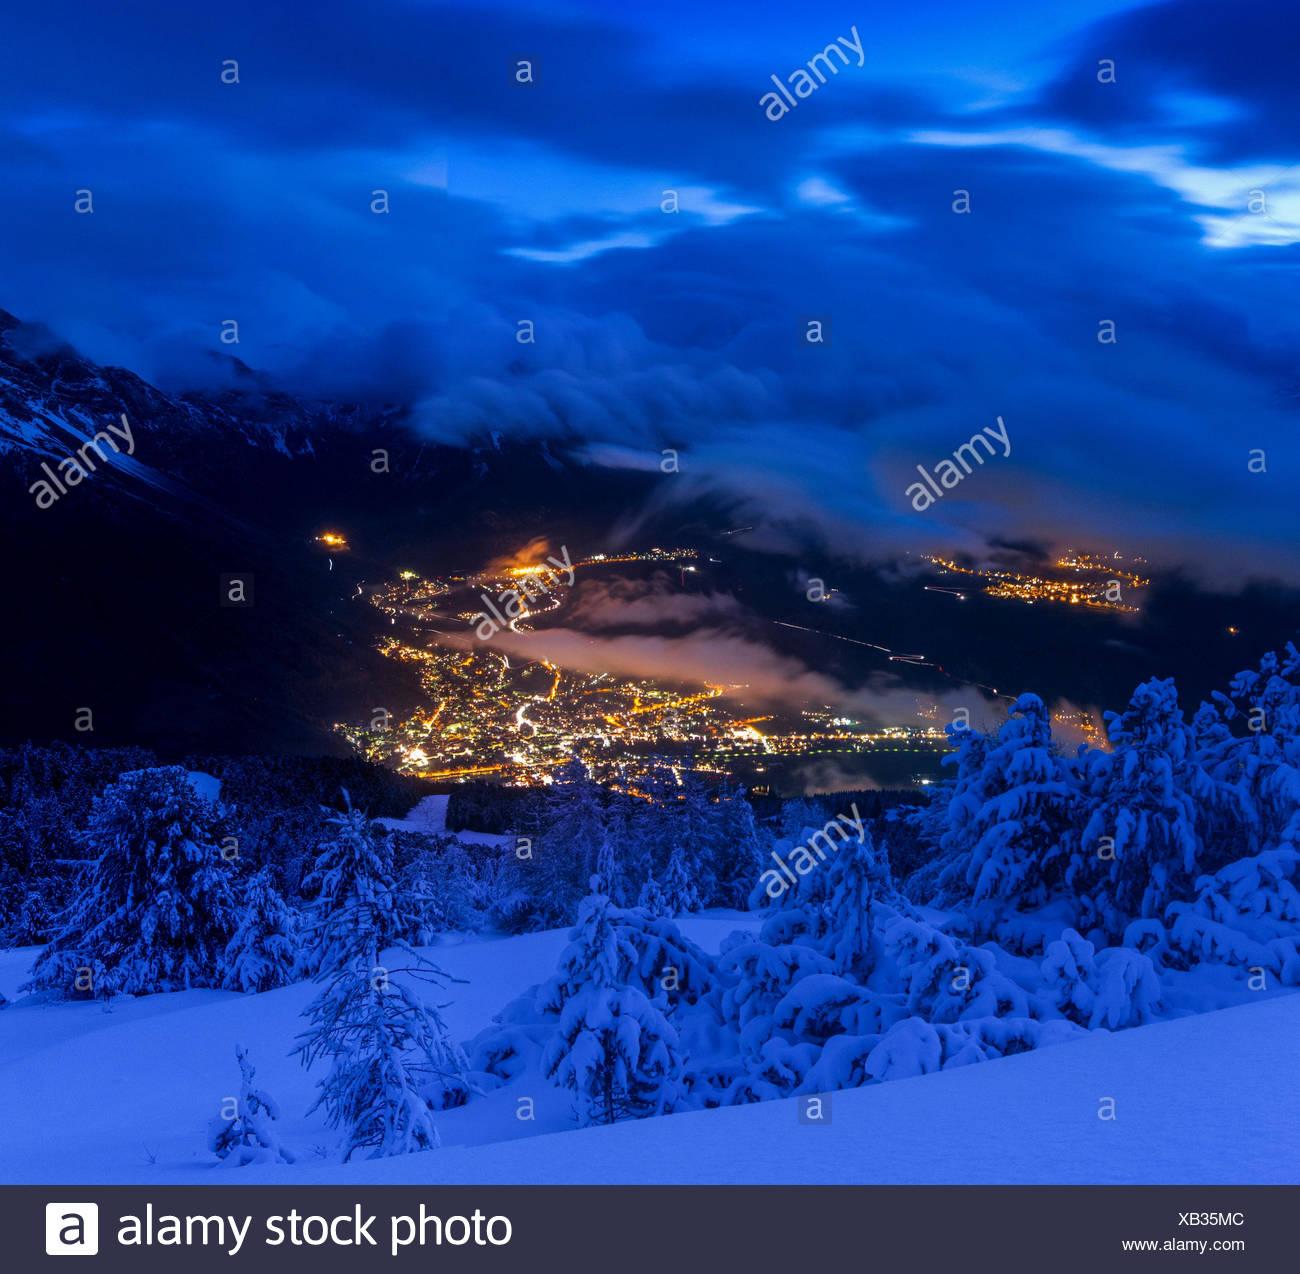 L Europa Italia Lombardia Sondrio Bormio Al Blue Ora Dopo Una Nevicata In Inverno Localita Turistica Delle Alpi Italiane Foto Stock Alamy